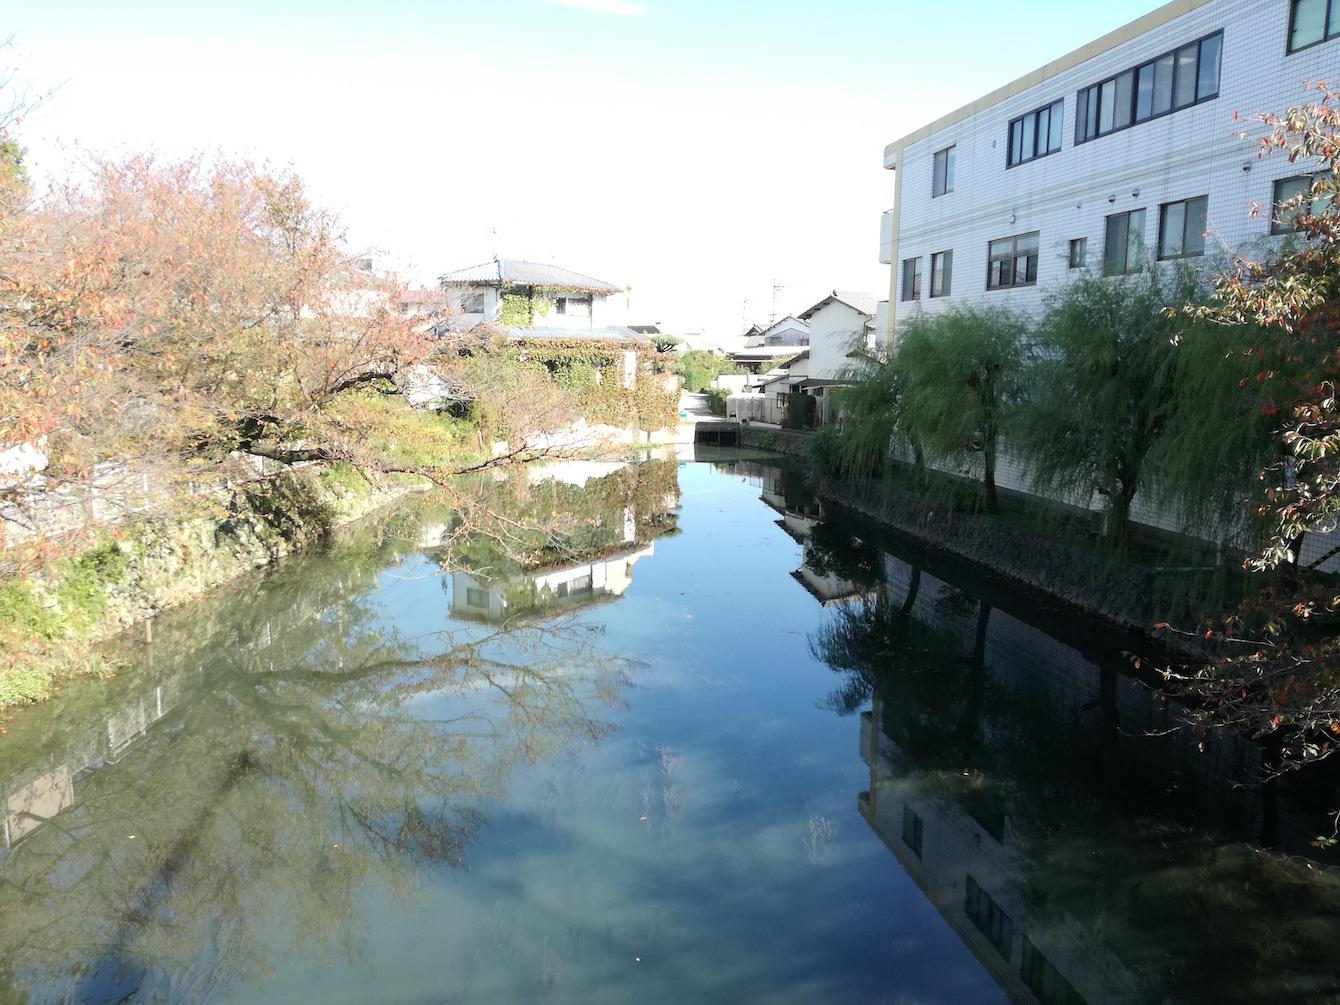 現・伊予街道の橋の上から見た袋井用水。右の岸には柳、左の岸には桜。当時の風景を見てみたくなります。